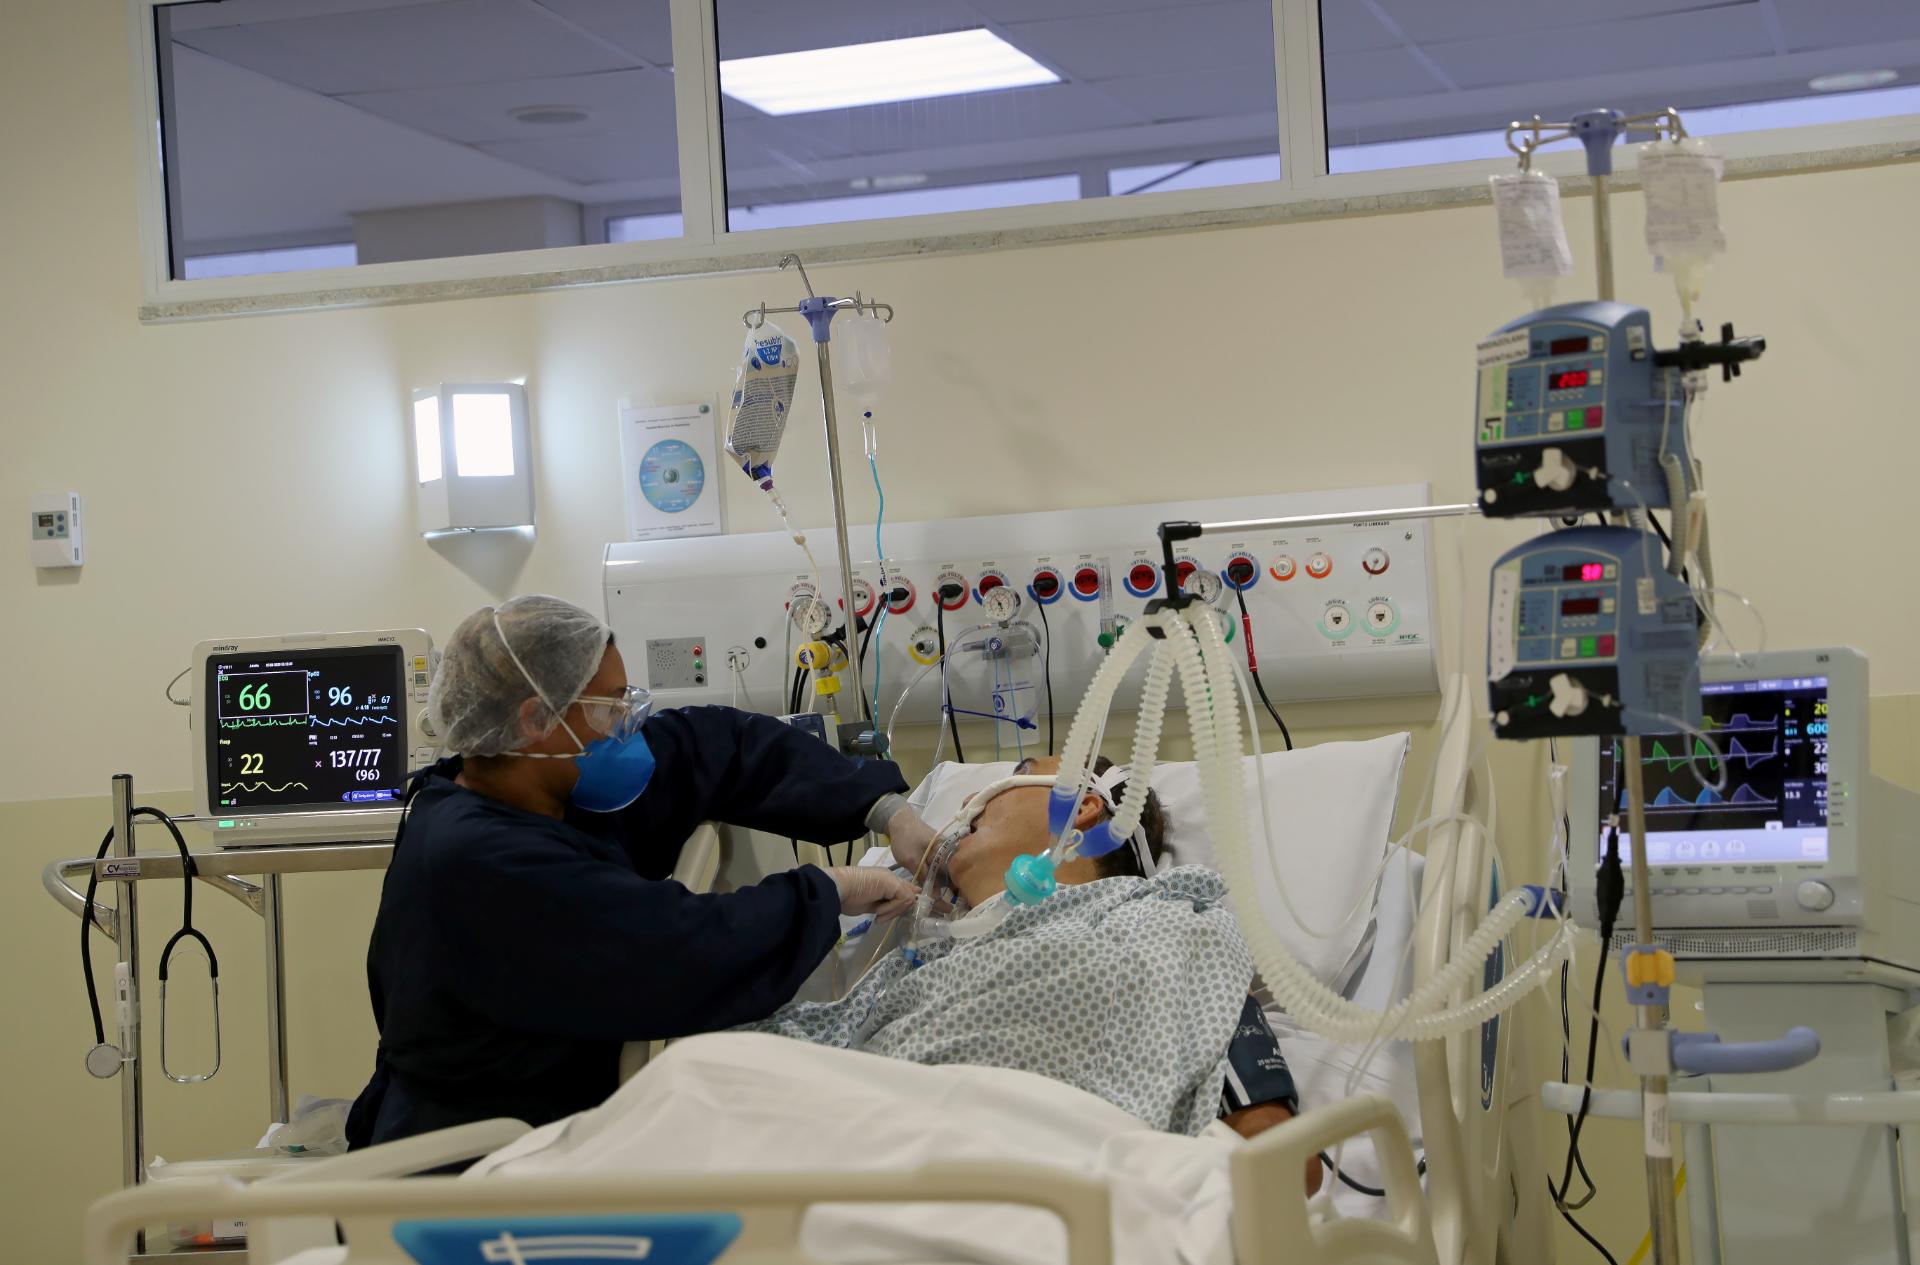 Enfermeira monitora paciente internado com Covid-19 em hospital de São Paulo